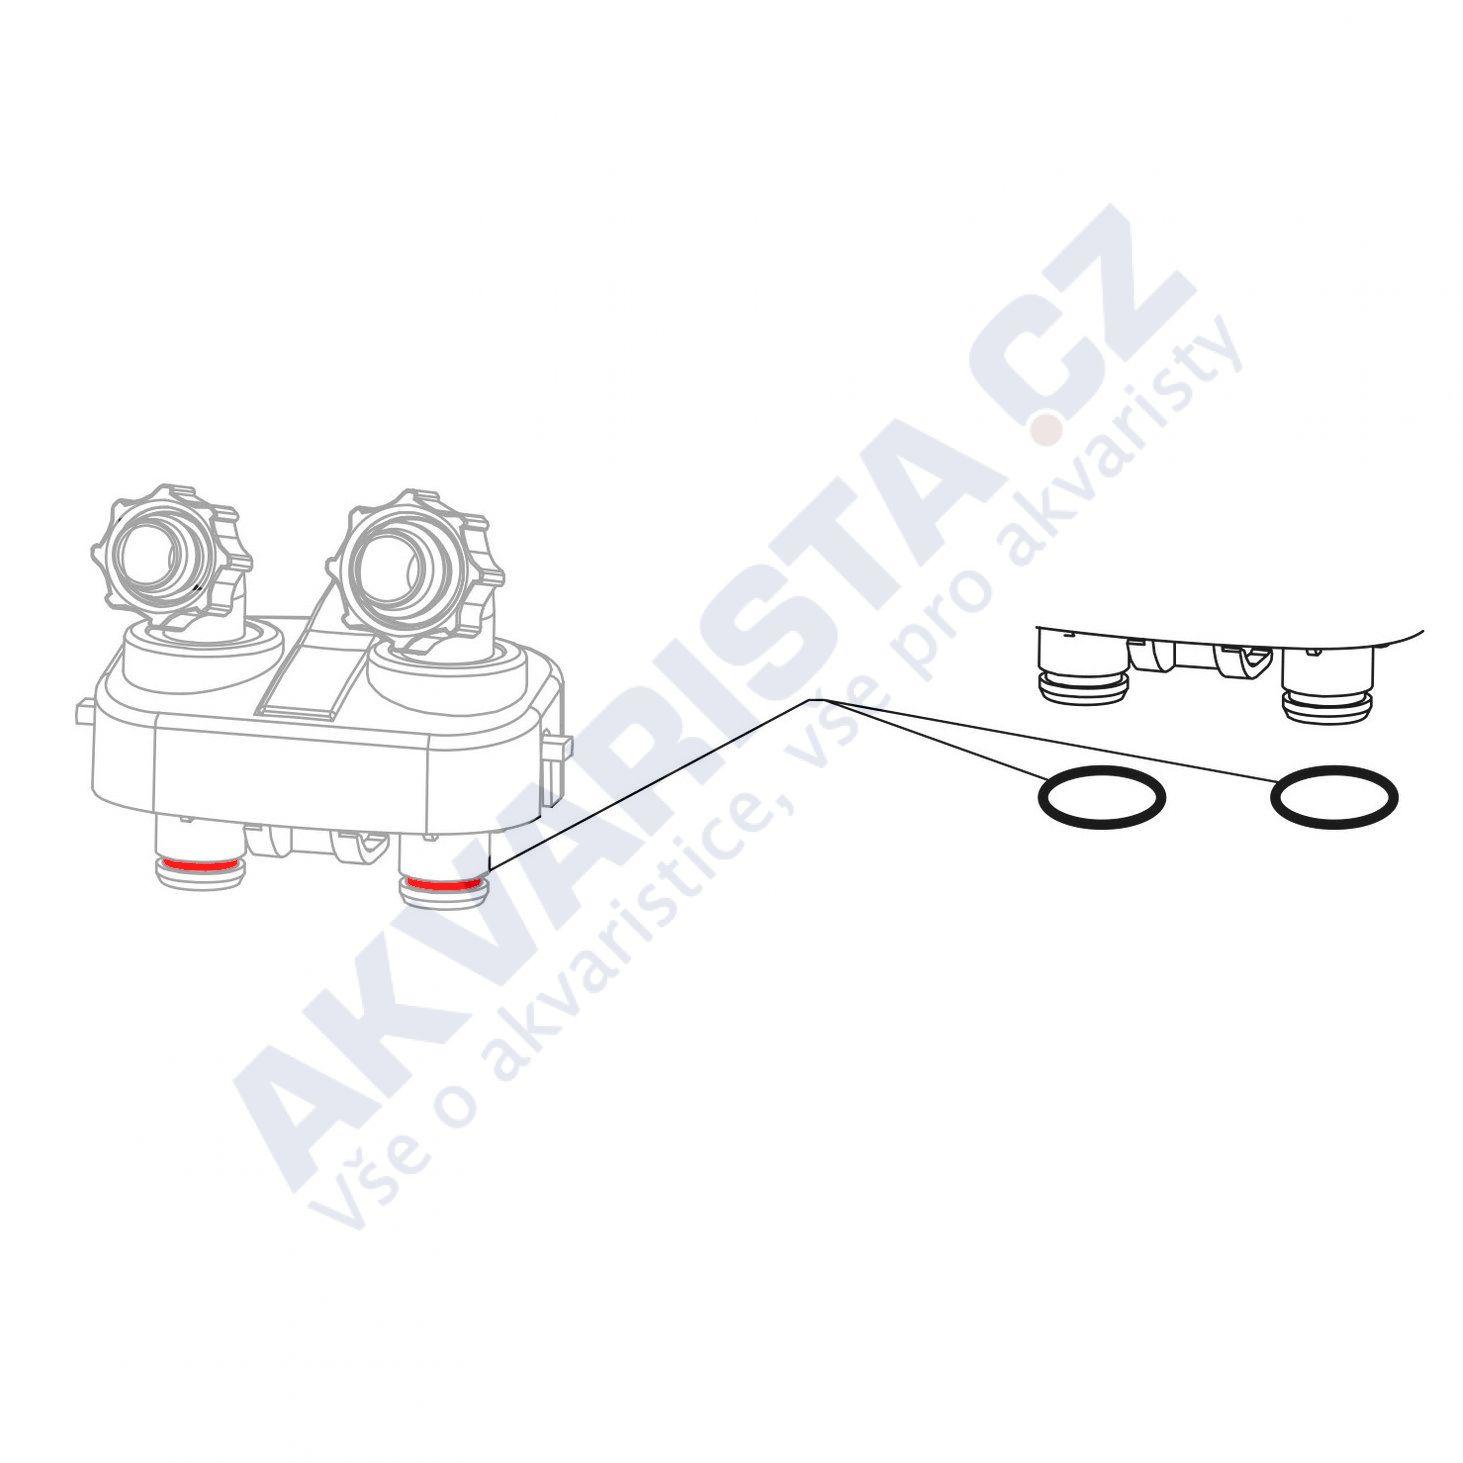 JBL Náhradní těsnění připojovacího bloku/adapteru CristalProfi e1501, e1502